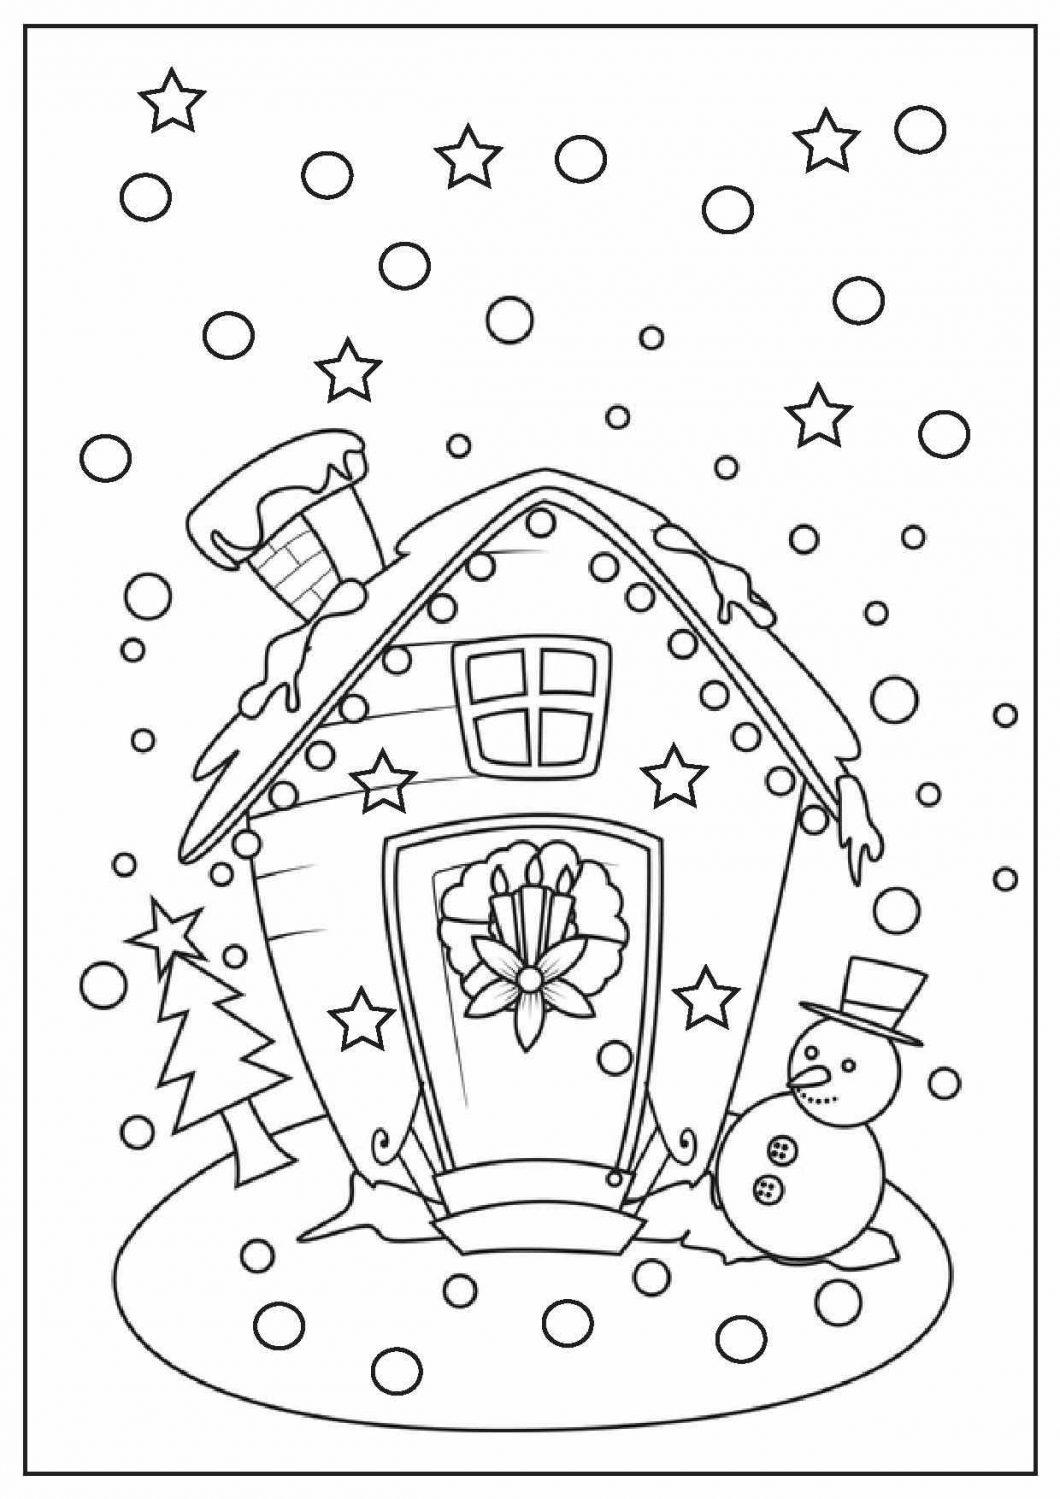 Preschool Drawing Worksheets At Paintingvalley